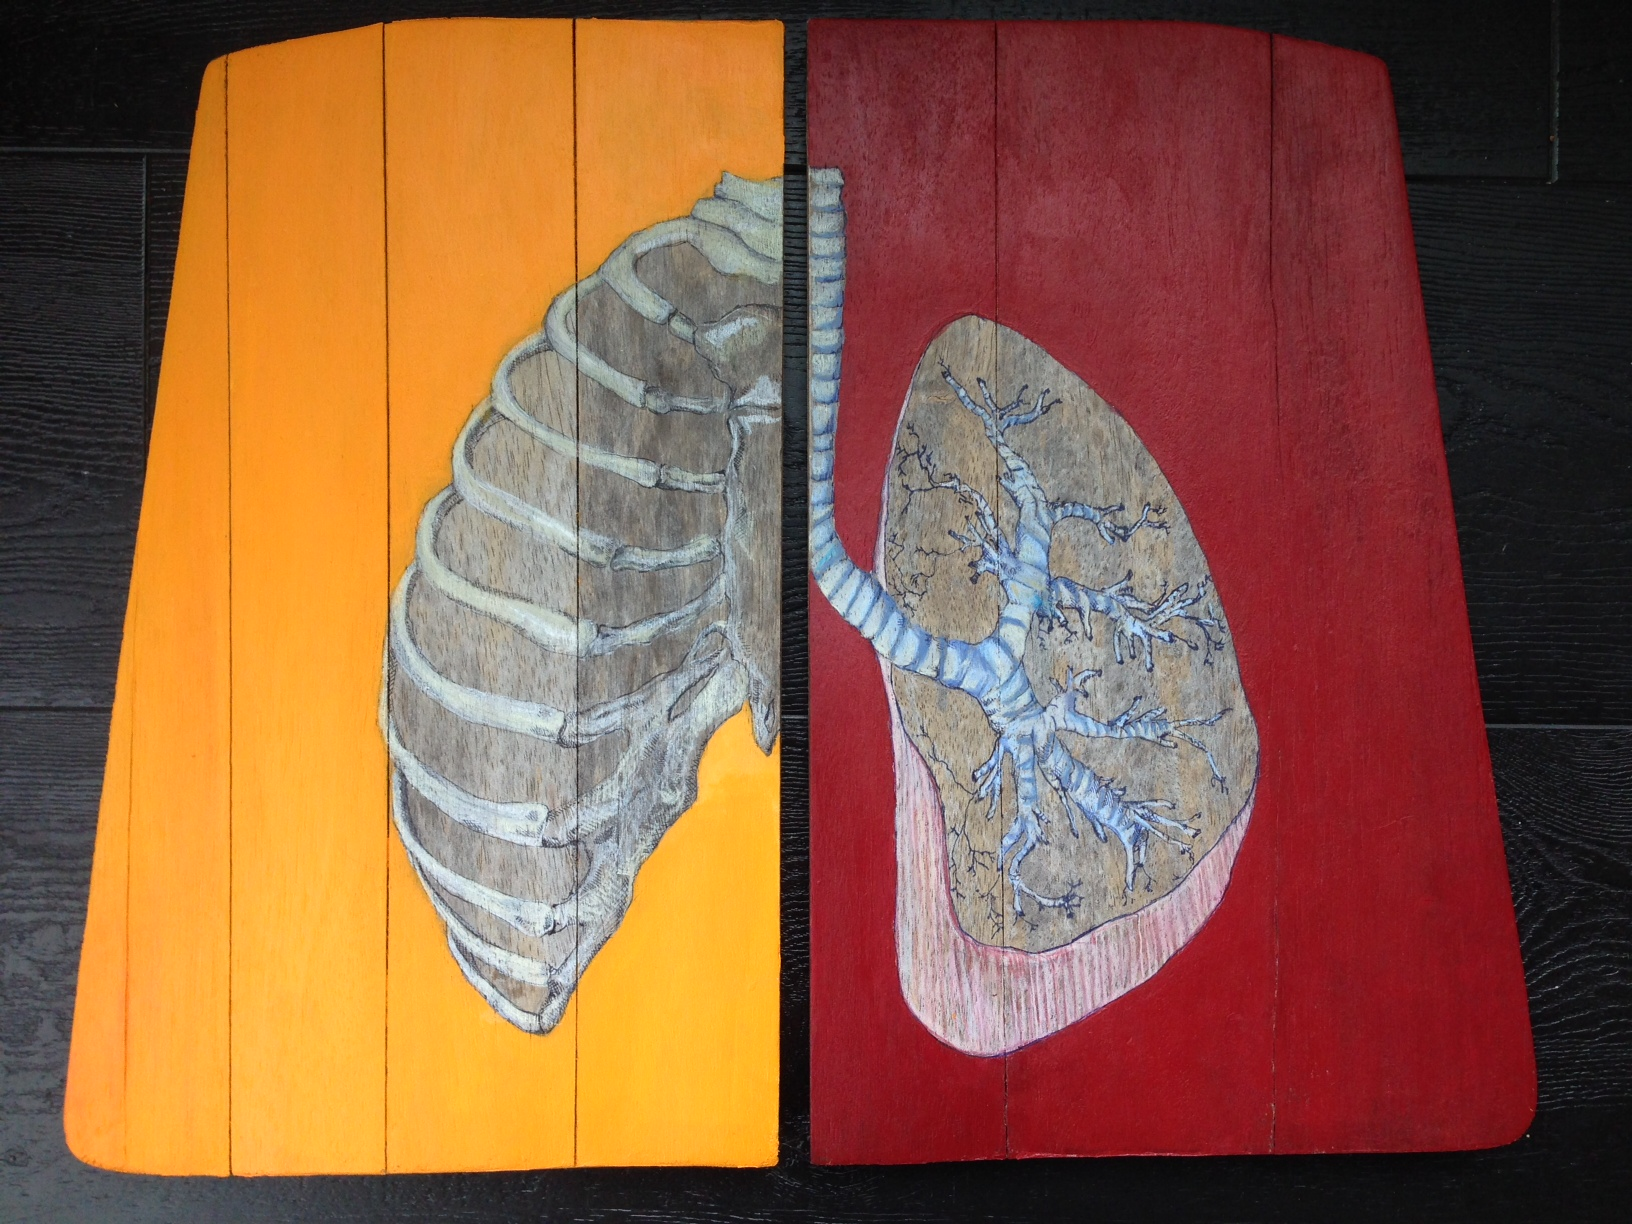 art ribs dividido